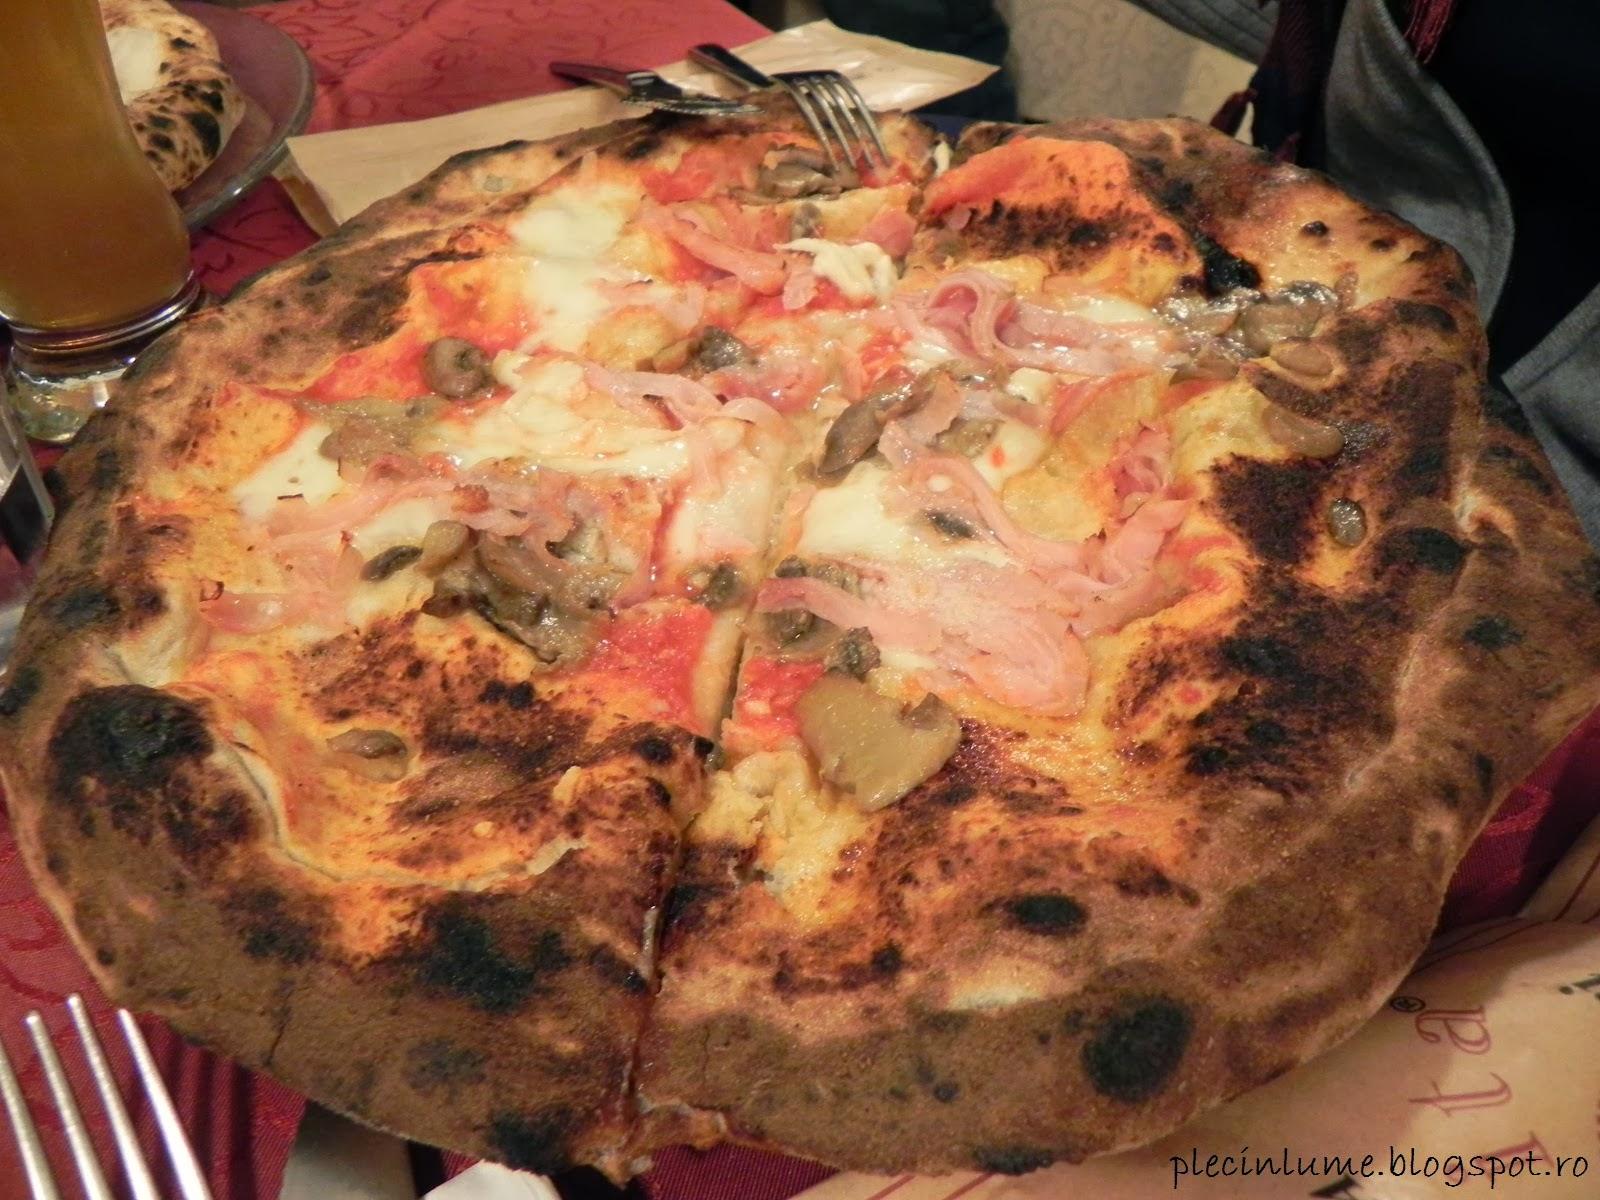 Cea mai buna pizza ever